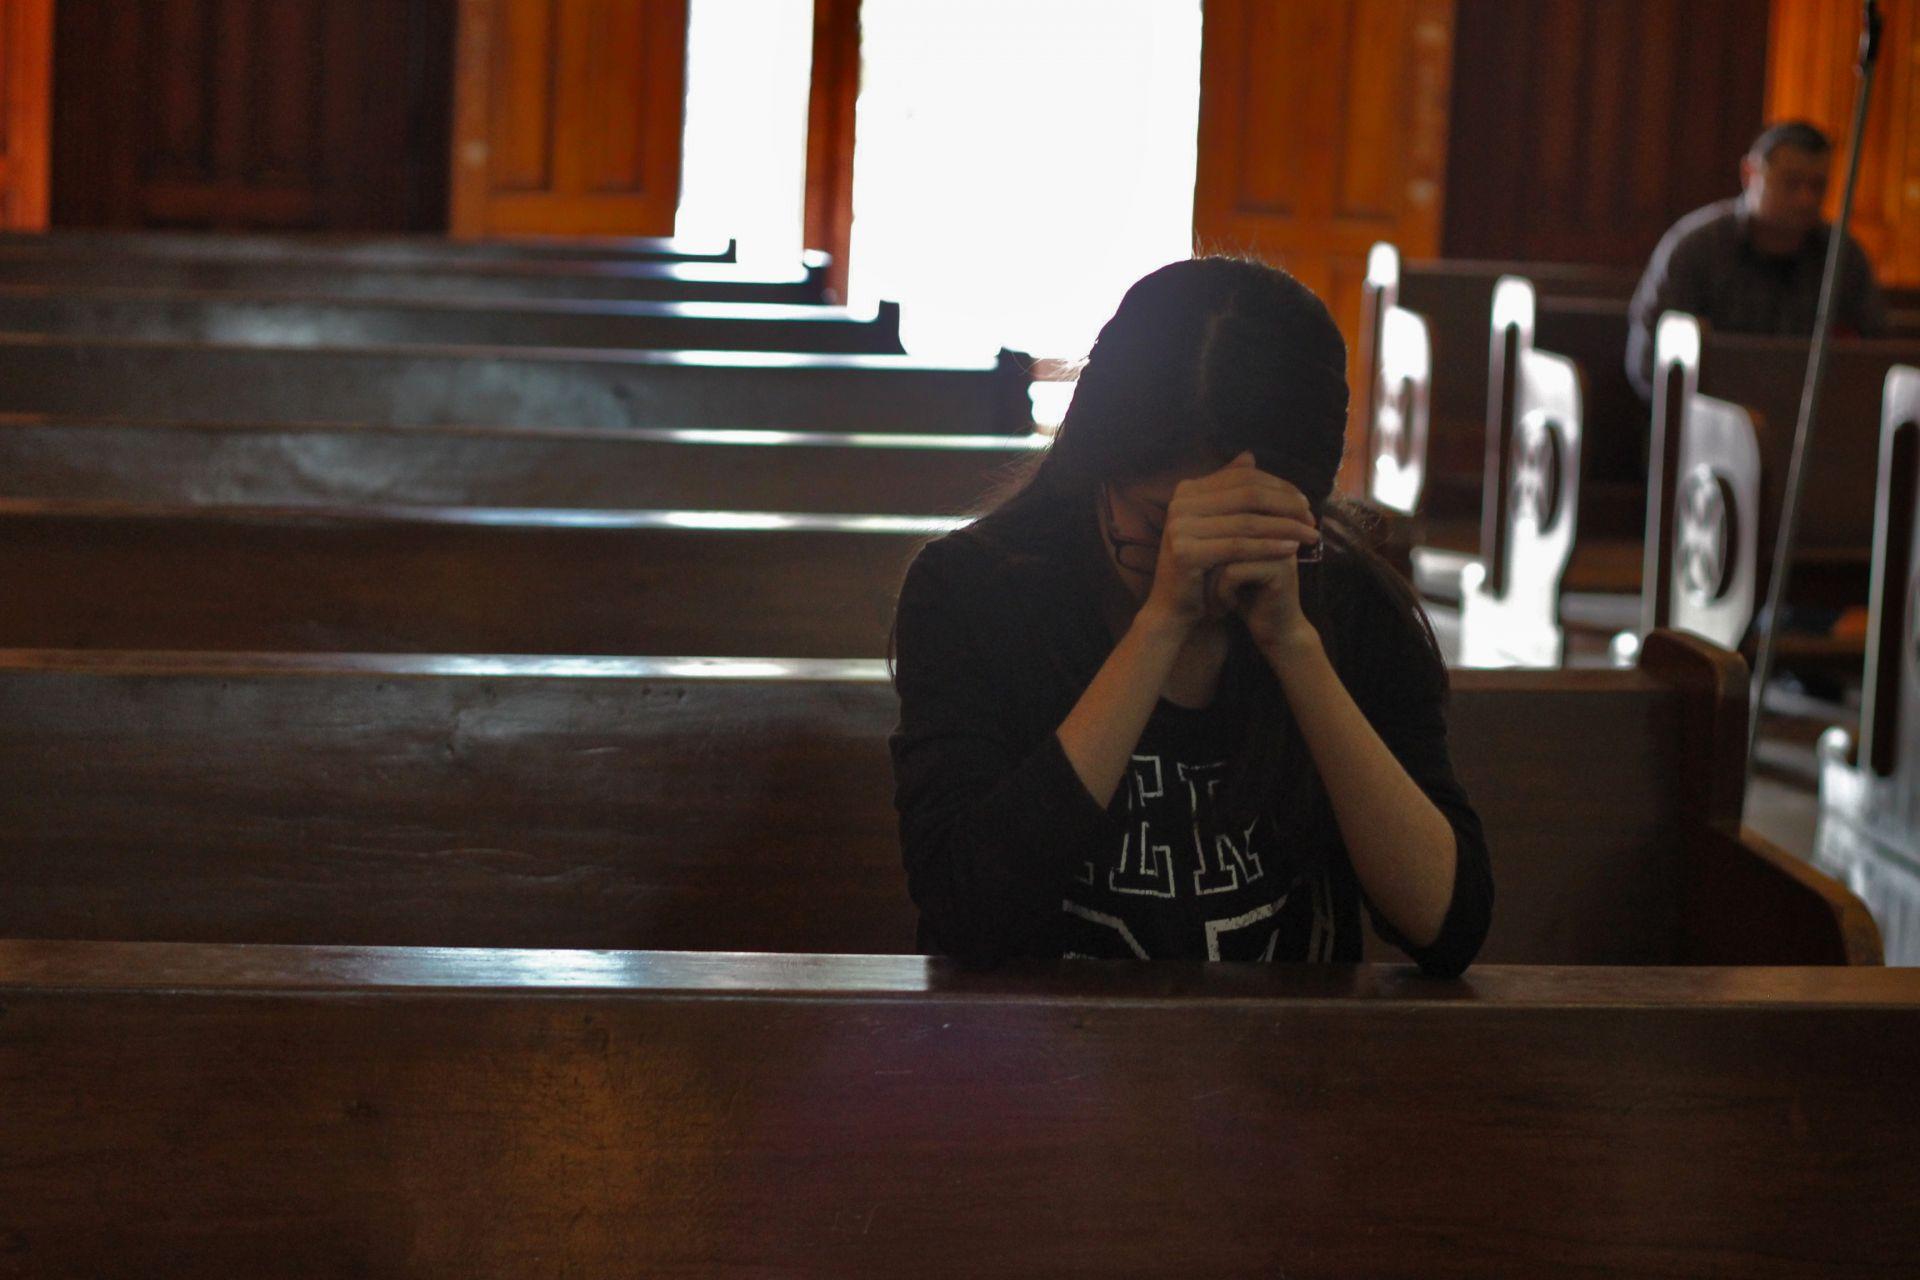 14 de maio: 'A nossa fragilidade nos leva à oração e ao jejum'